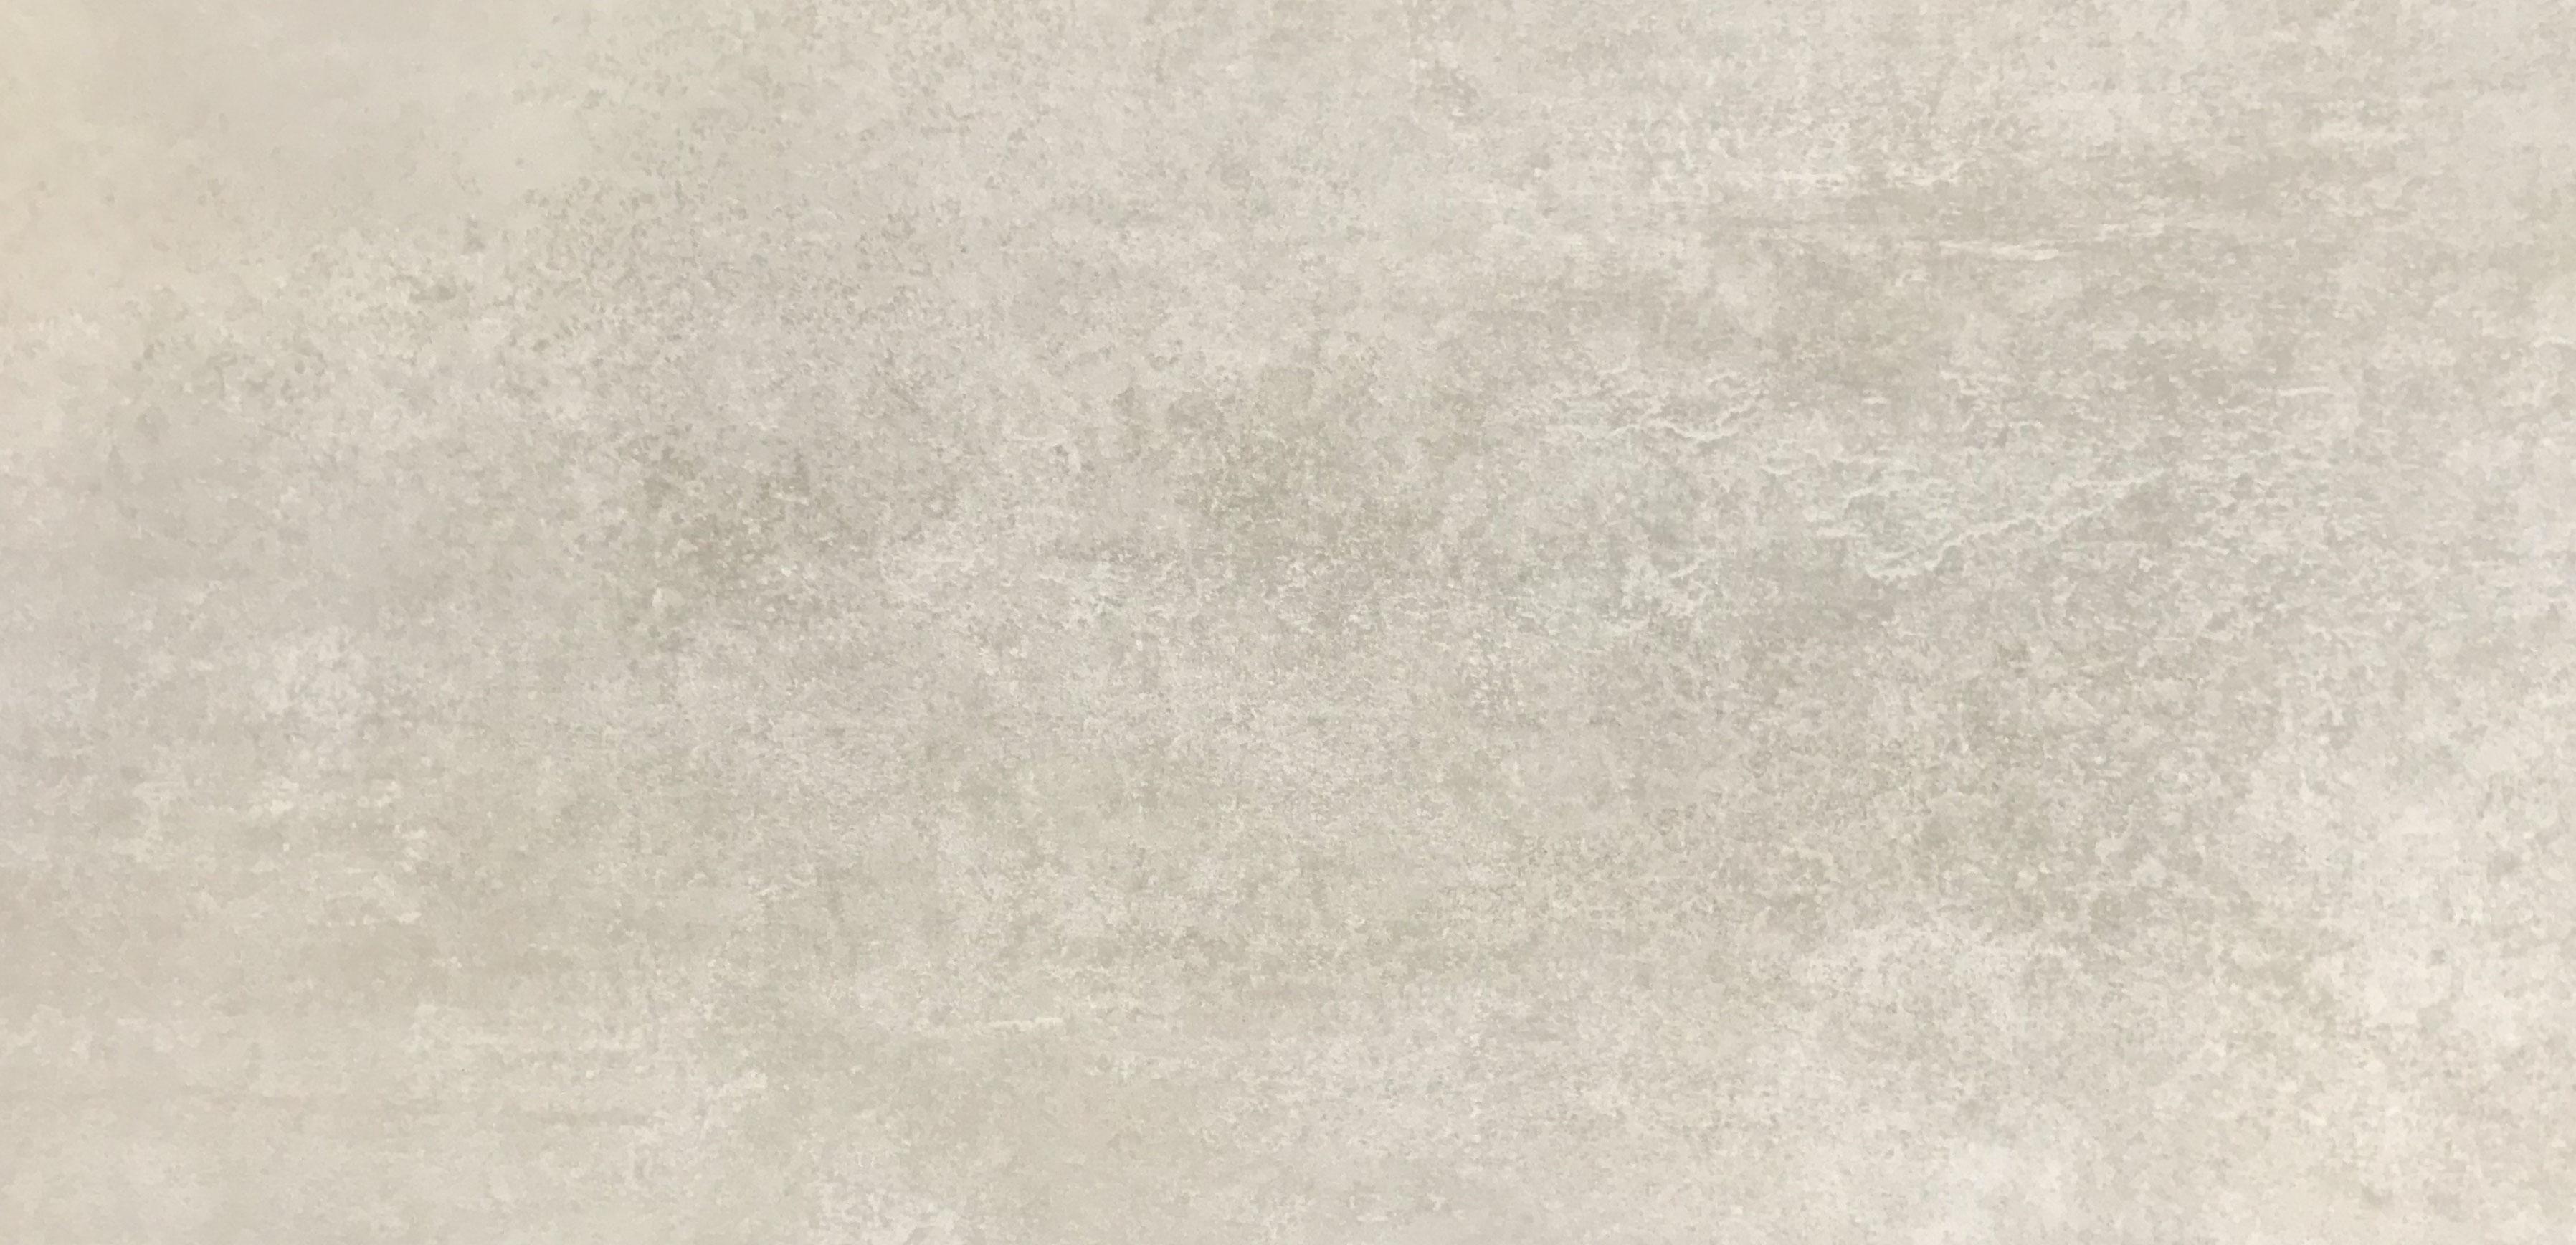 Interbau Blink Opus matt Boden-/Wandfliese Beige 30x60